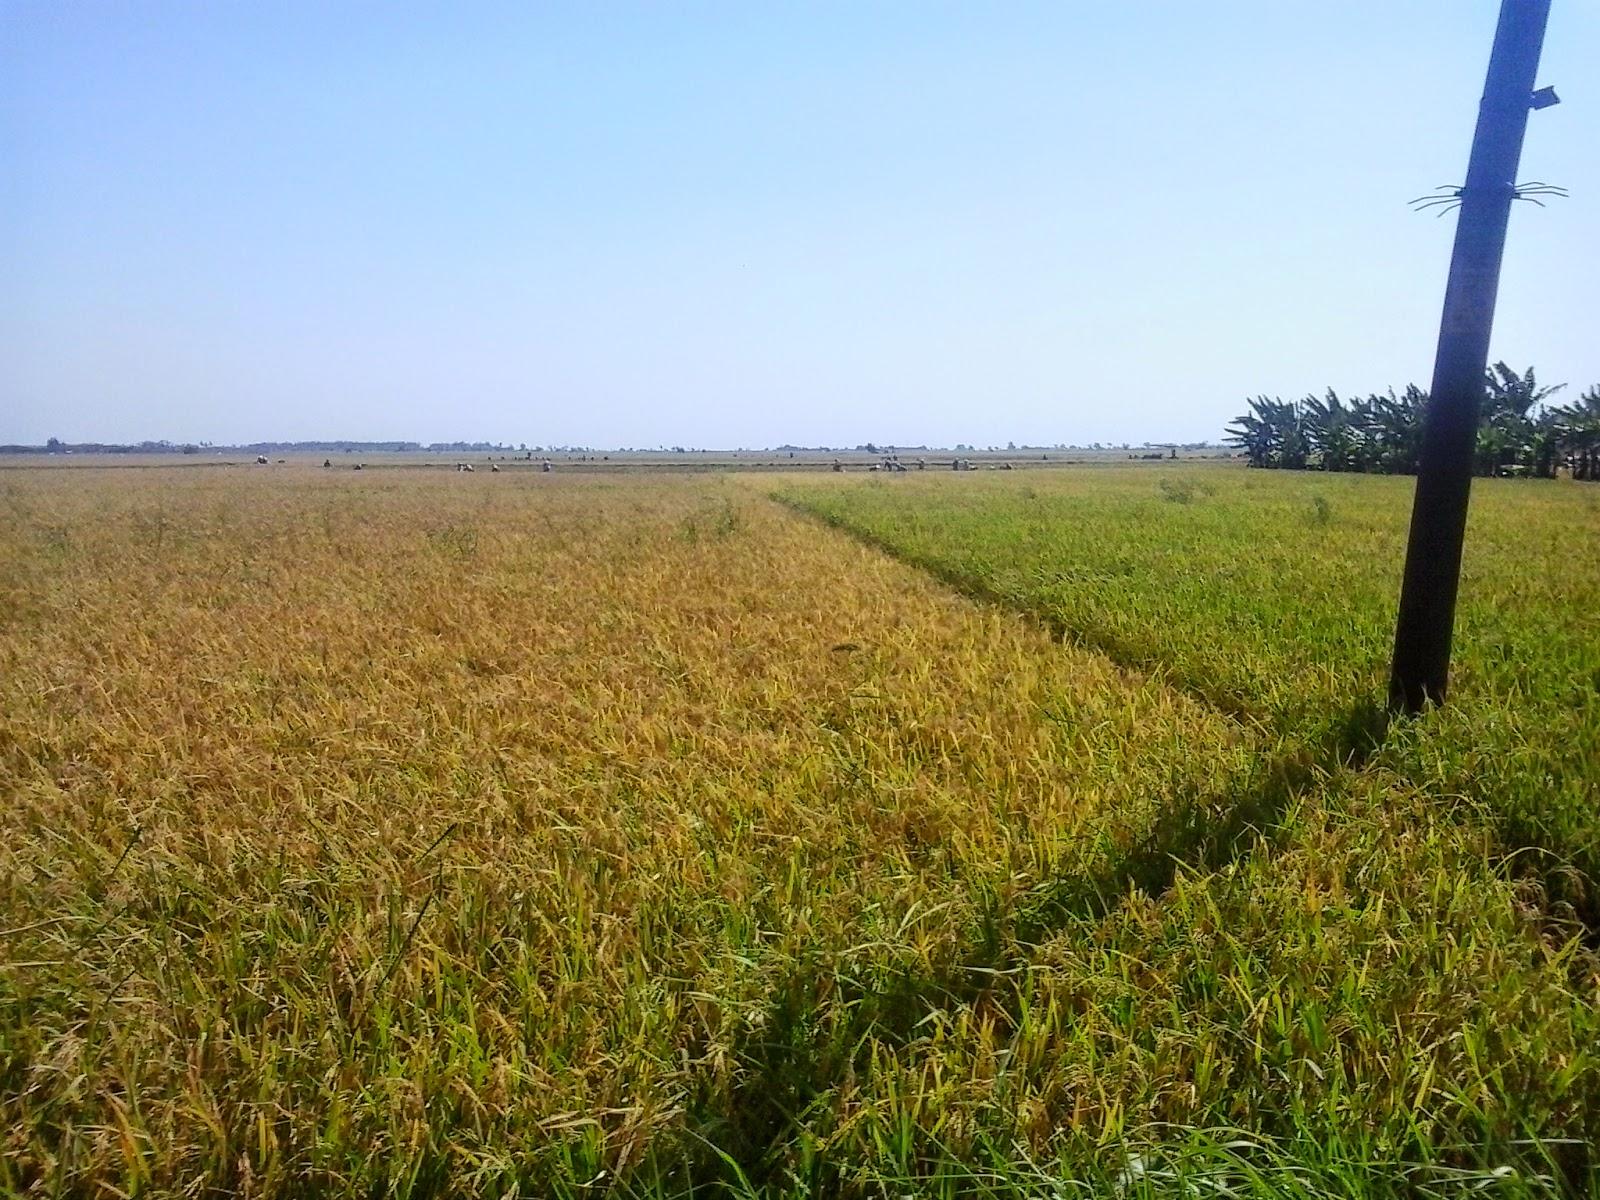 Risqi Safitri Apa Sih Pertanian Itu